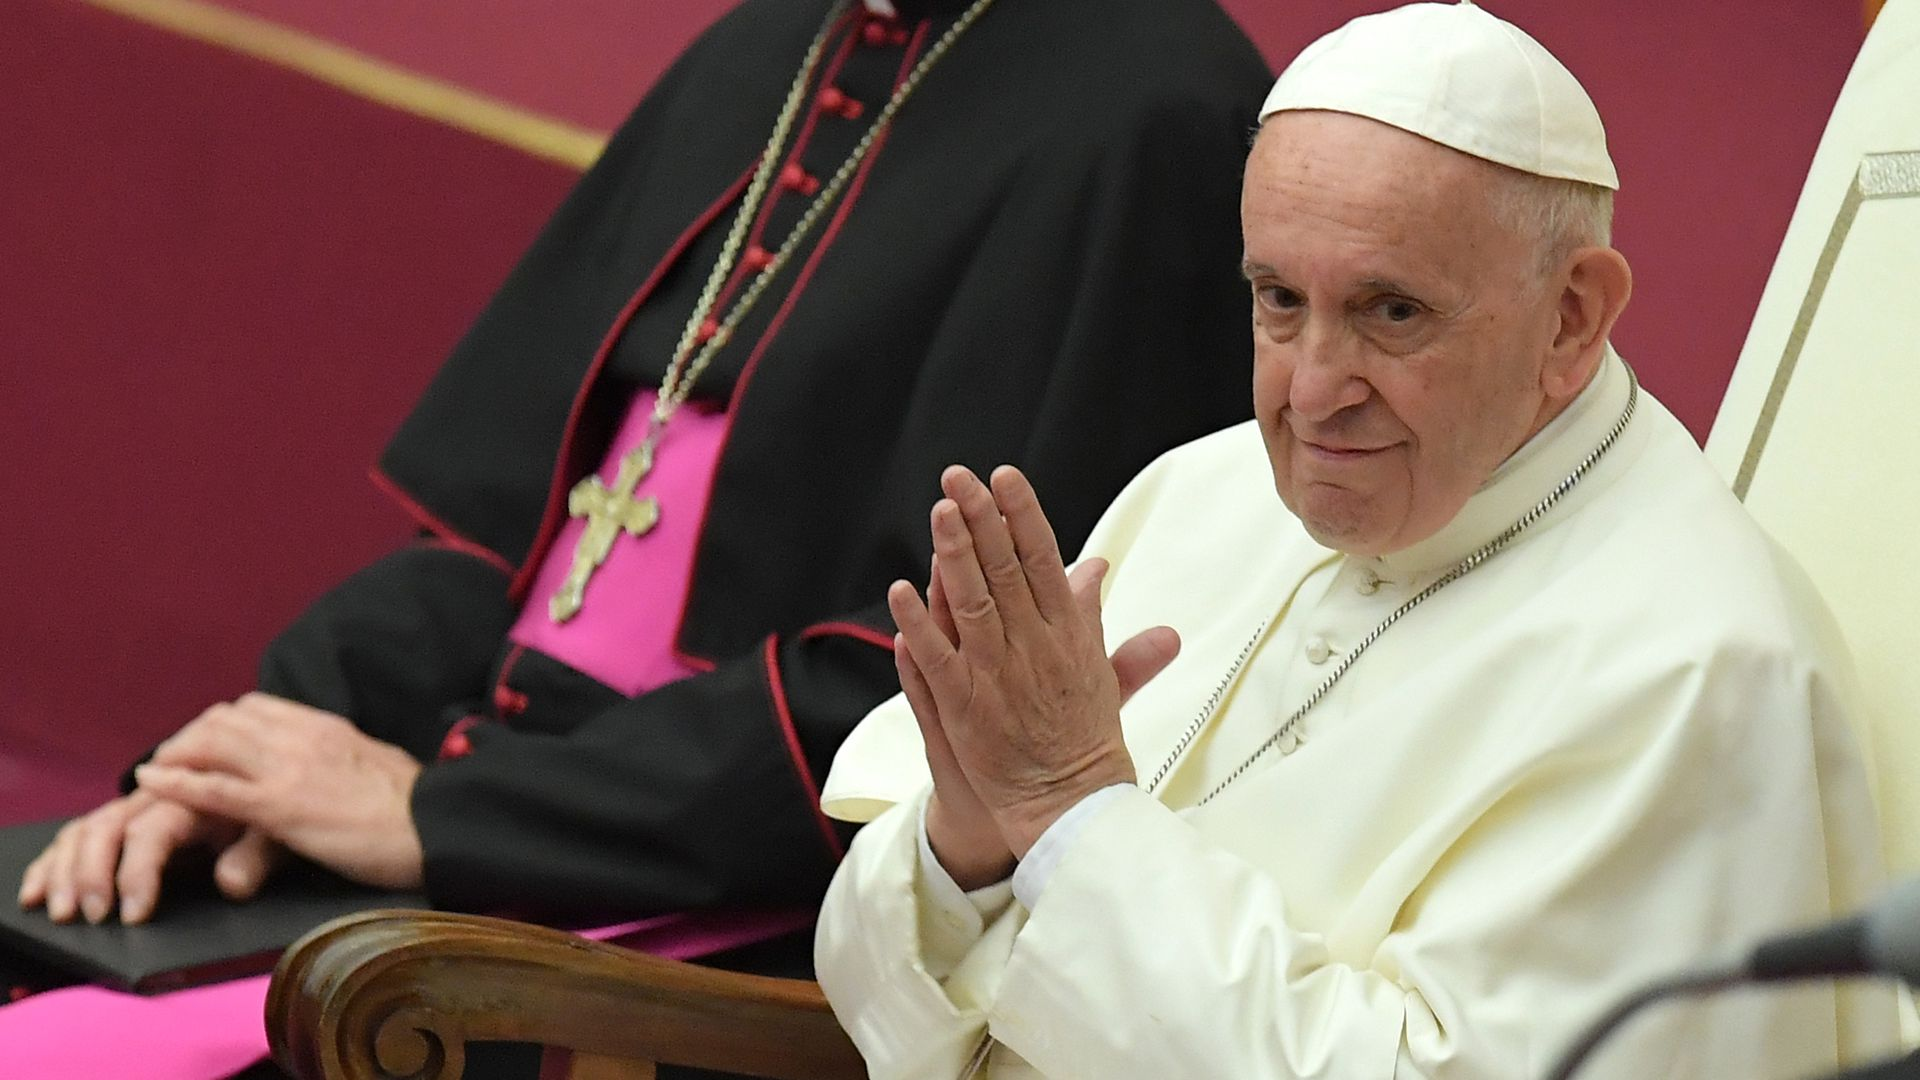 broke milo yiannopoulos gay priests pope